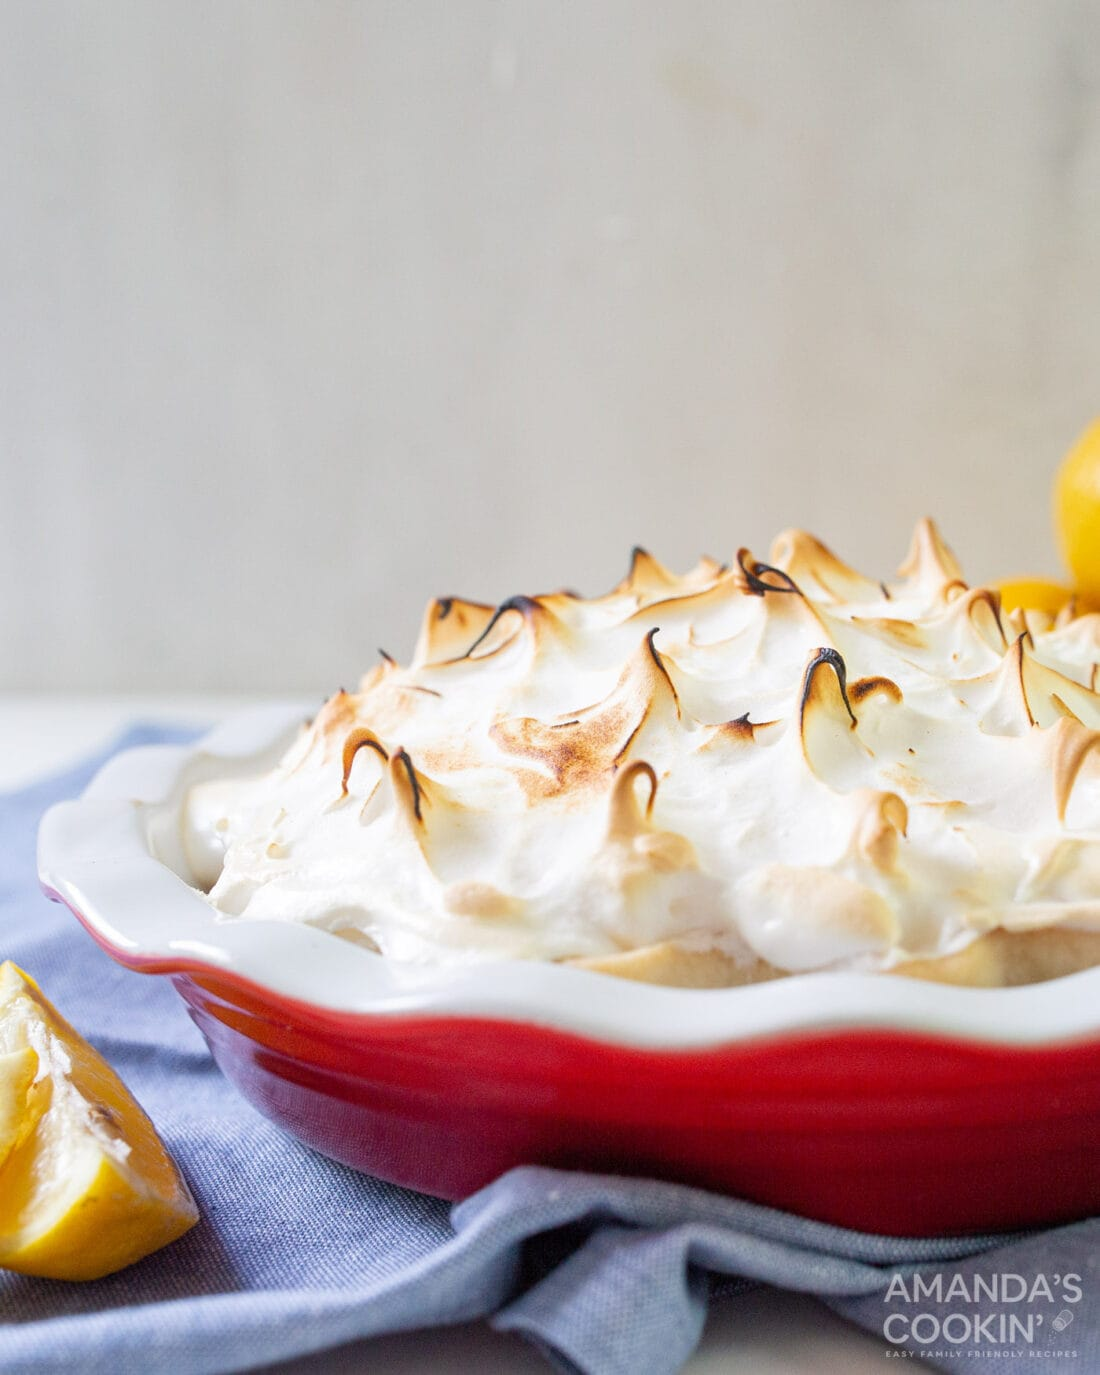 lemon meringue pie with browned swirled tops